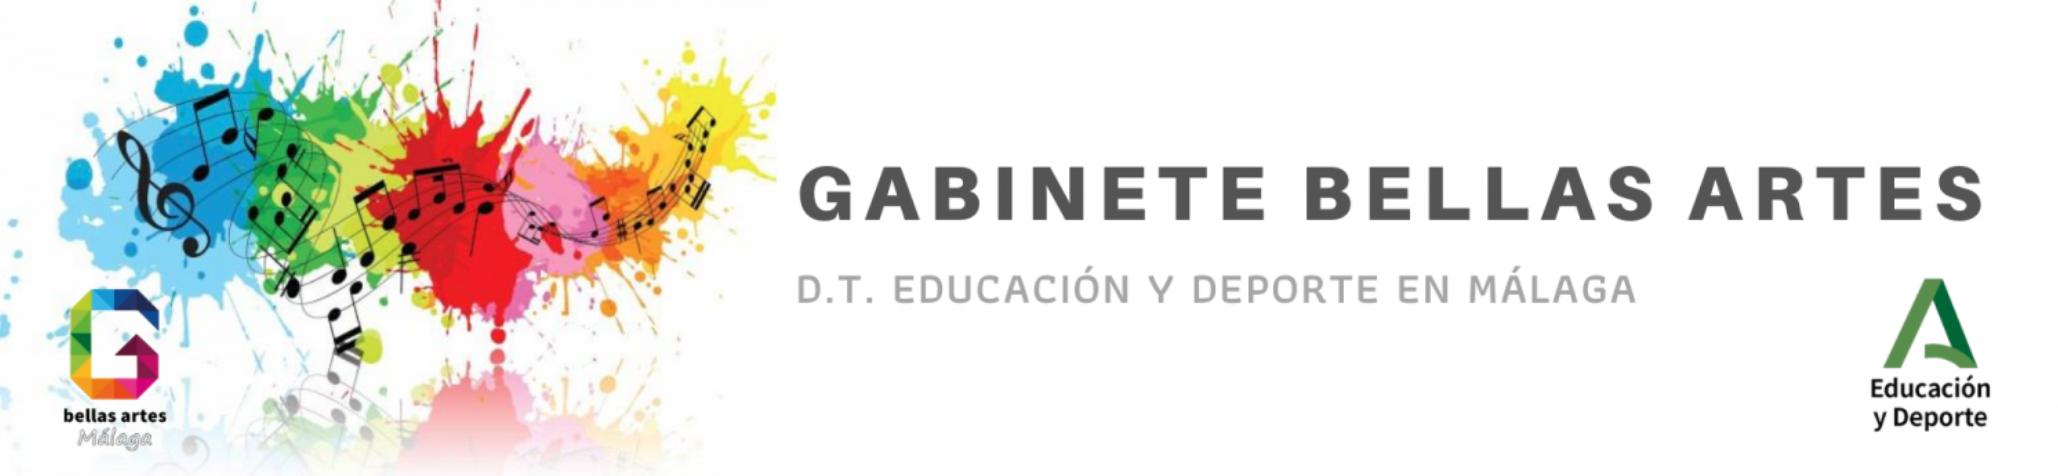 Gabinete Bellas Artes